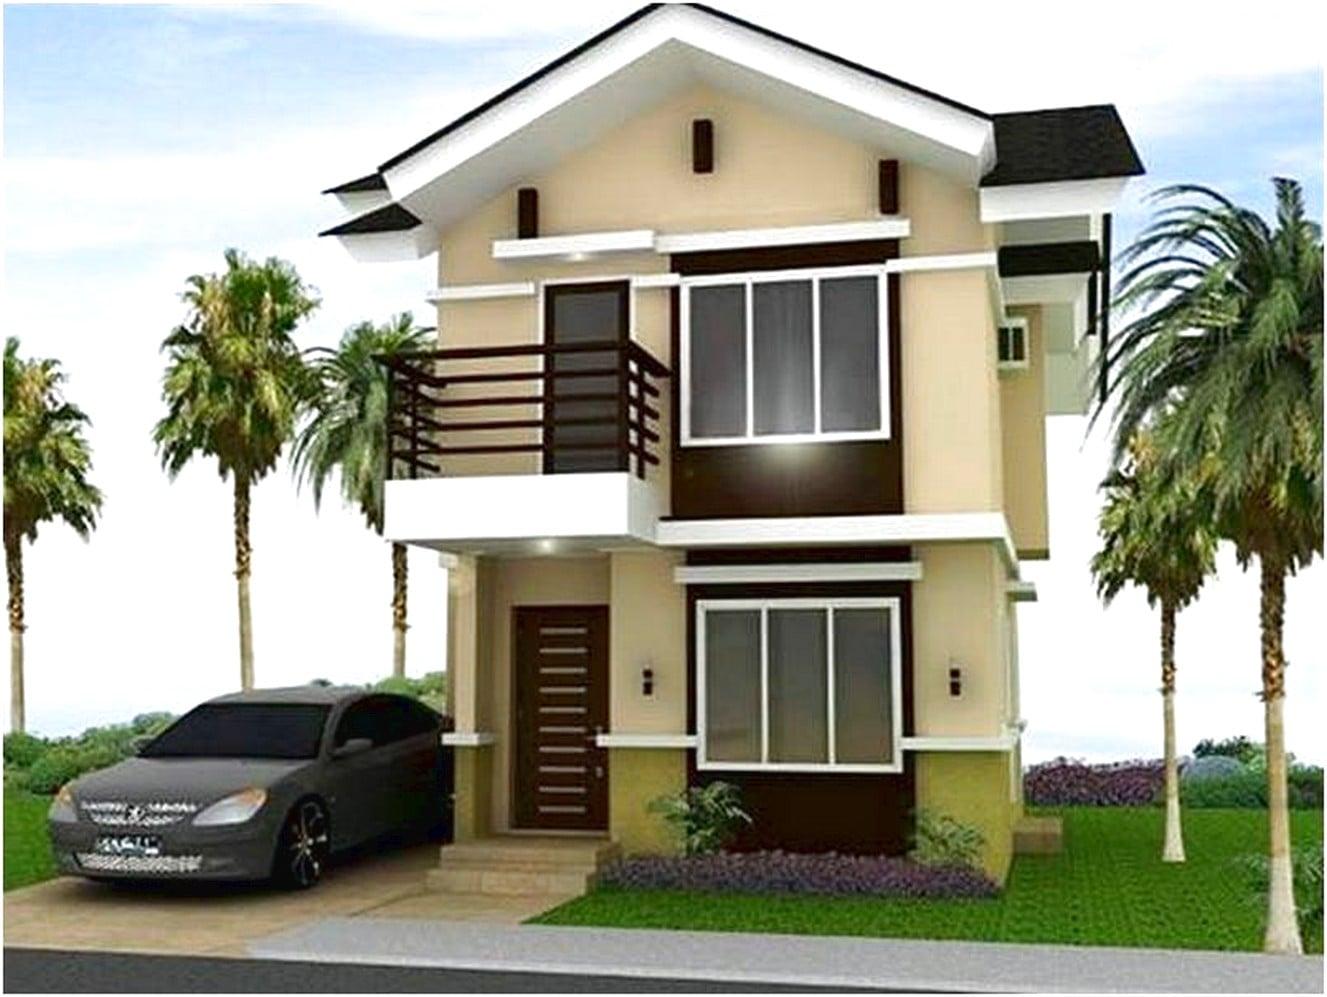 30 Gambar Desain Konsep Rumah Modern 2 Lantai Terbaru dan ...